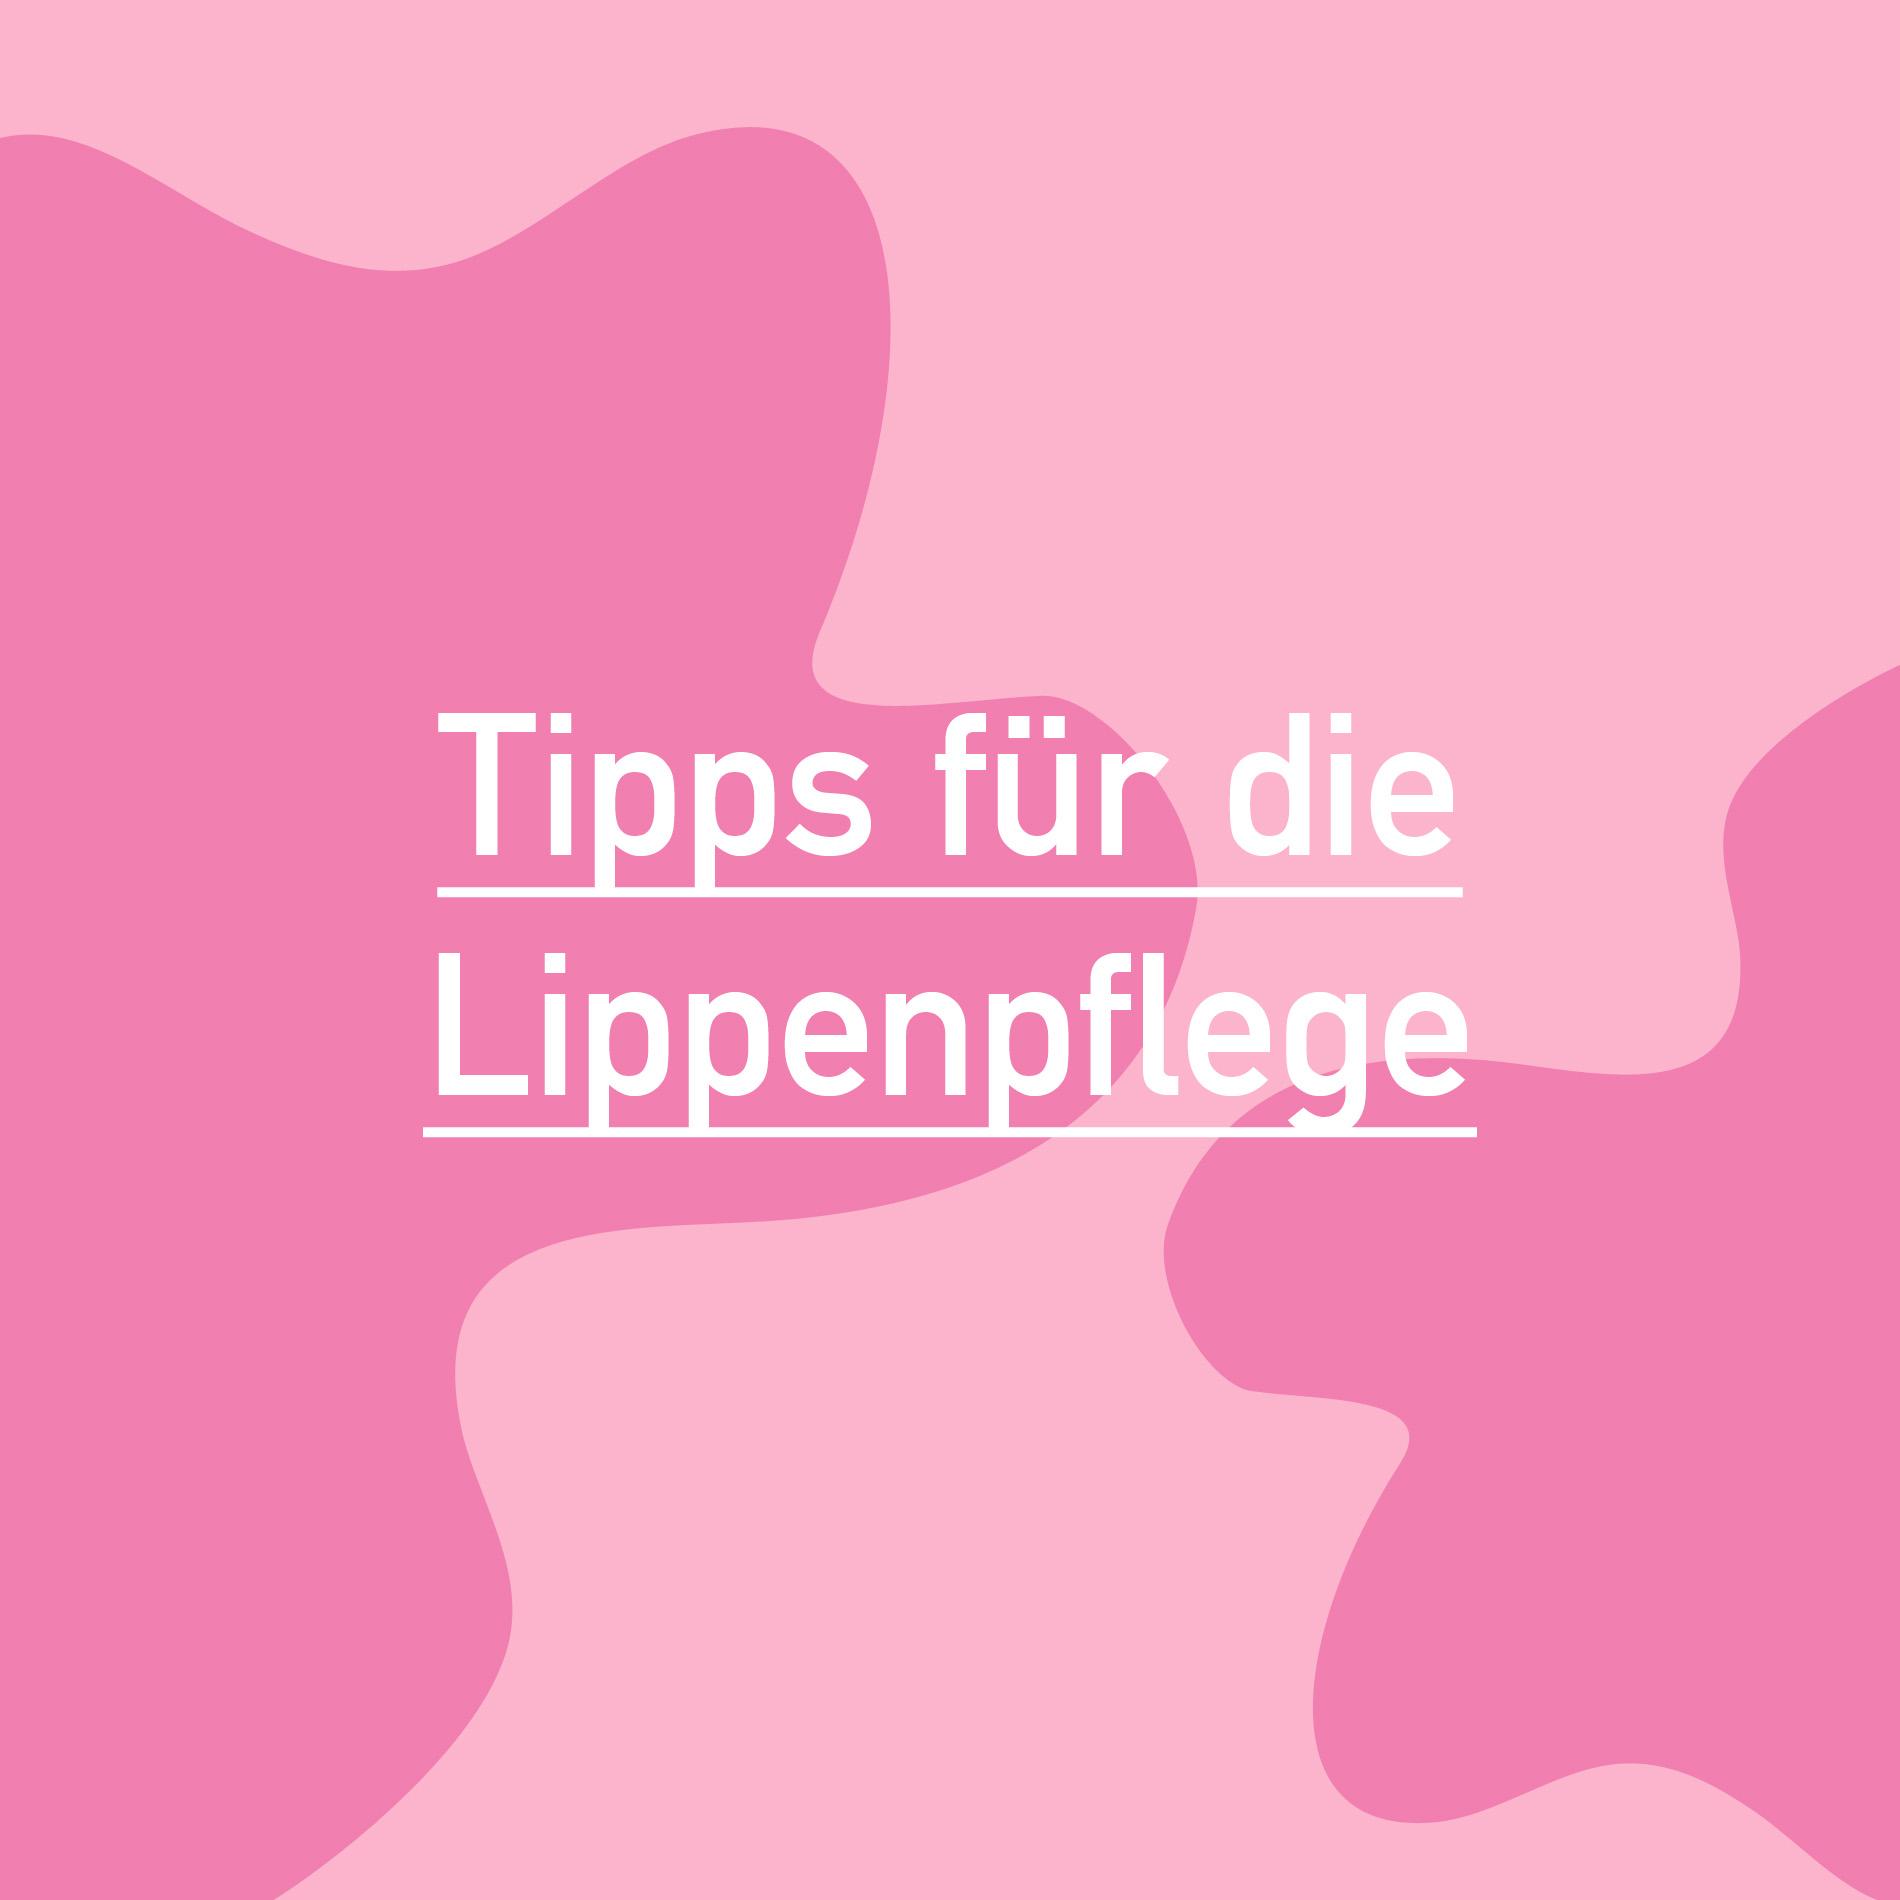 Tipps zur Lippenpflege, Lippenpflege, Tipps für die Lippenpflege, schöne Lippen, geschmeide Lippen, Lippenpeeling selbst machen, Lippenmaske, tägliche Lippenpflege, Gründe für spröde Lippen